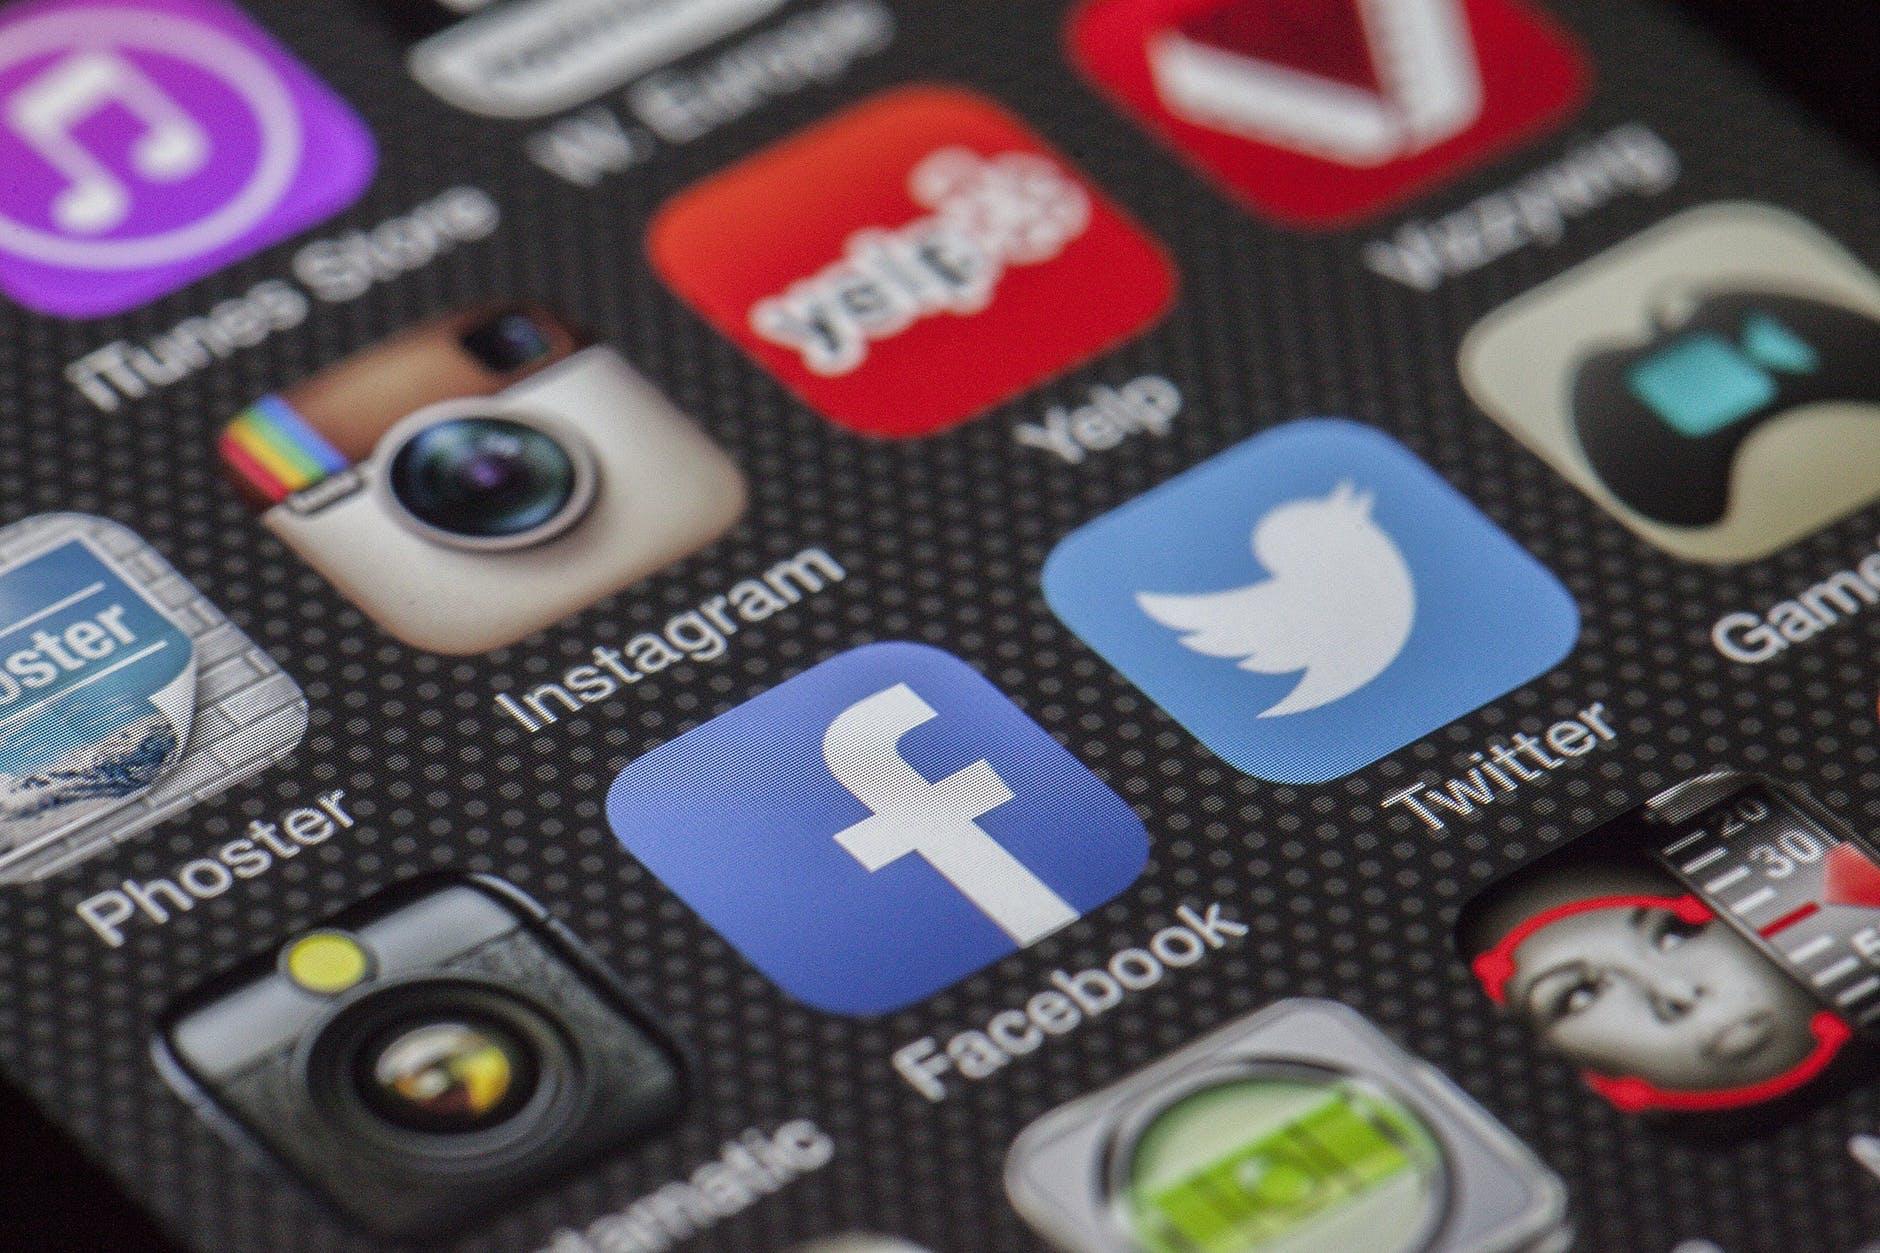 臉書開始大幅調降社團的觸及率- 你可能開始看不到一些比較不常互動的社團貼文了!